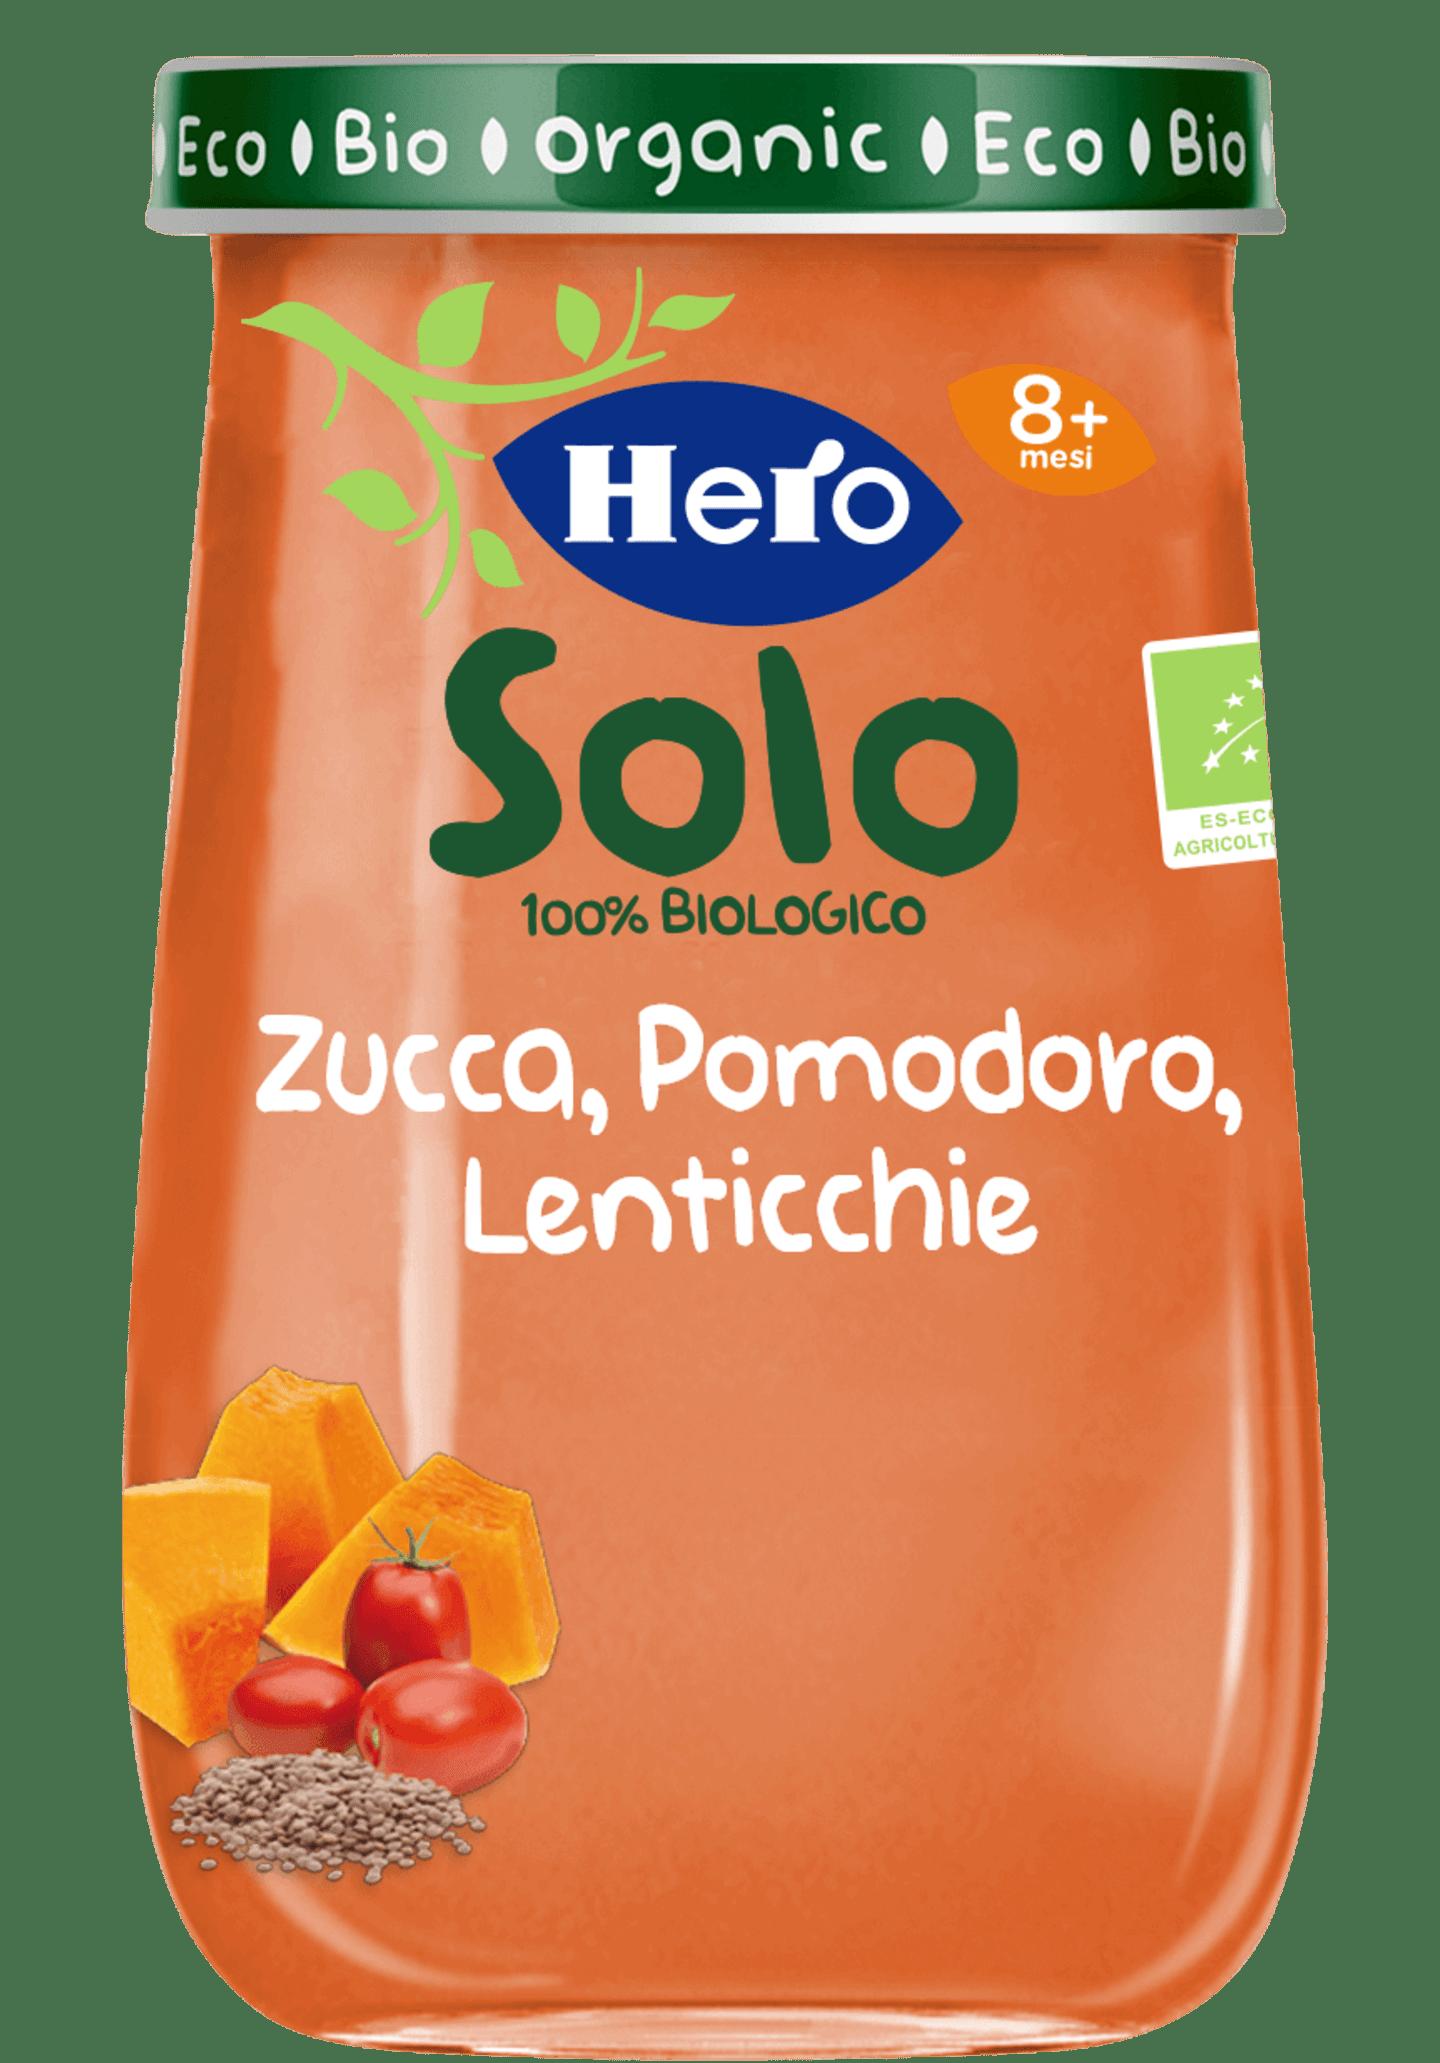 Omogeneizzato Zucca, Pomodoro e Lenticchie biologici